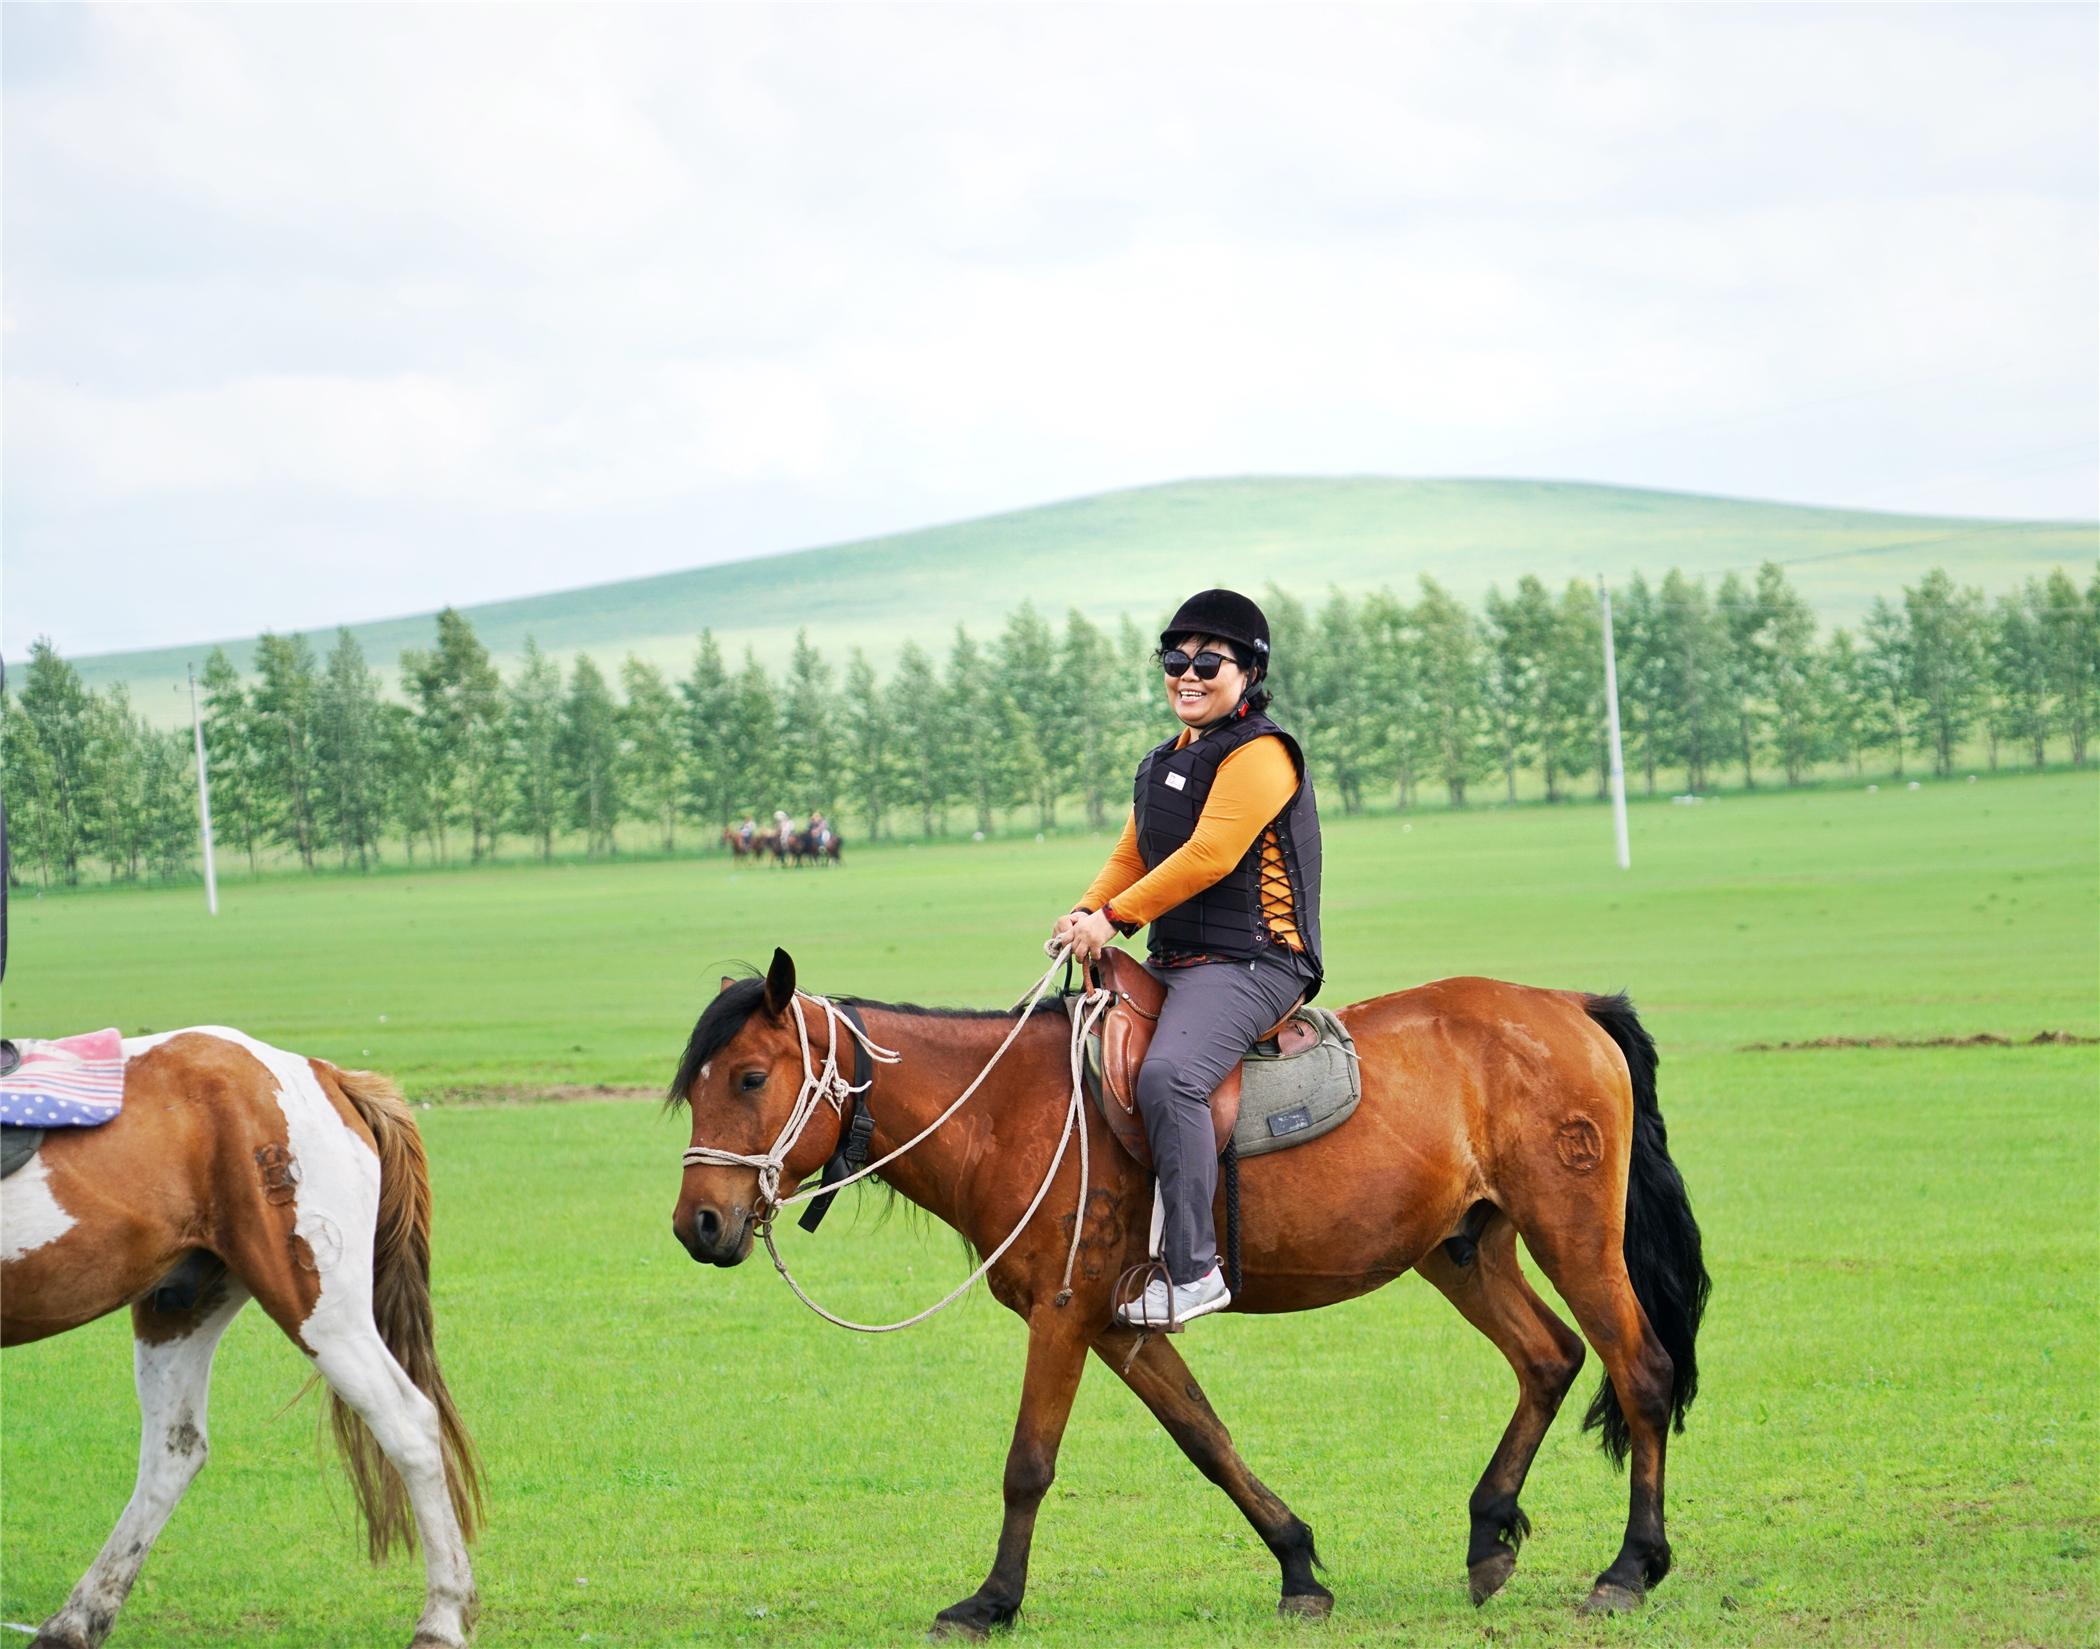 策马奔腾呼伦贝尔草原,这就是旅行该有的样子